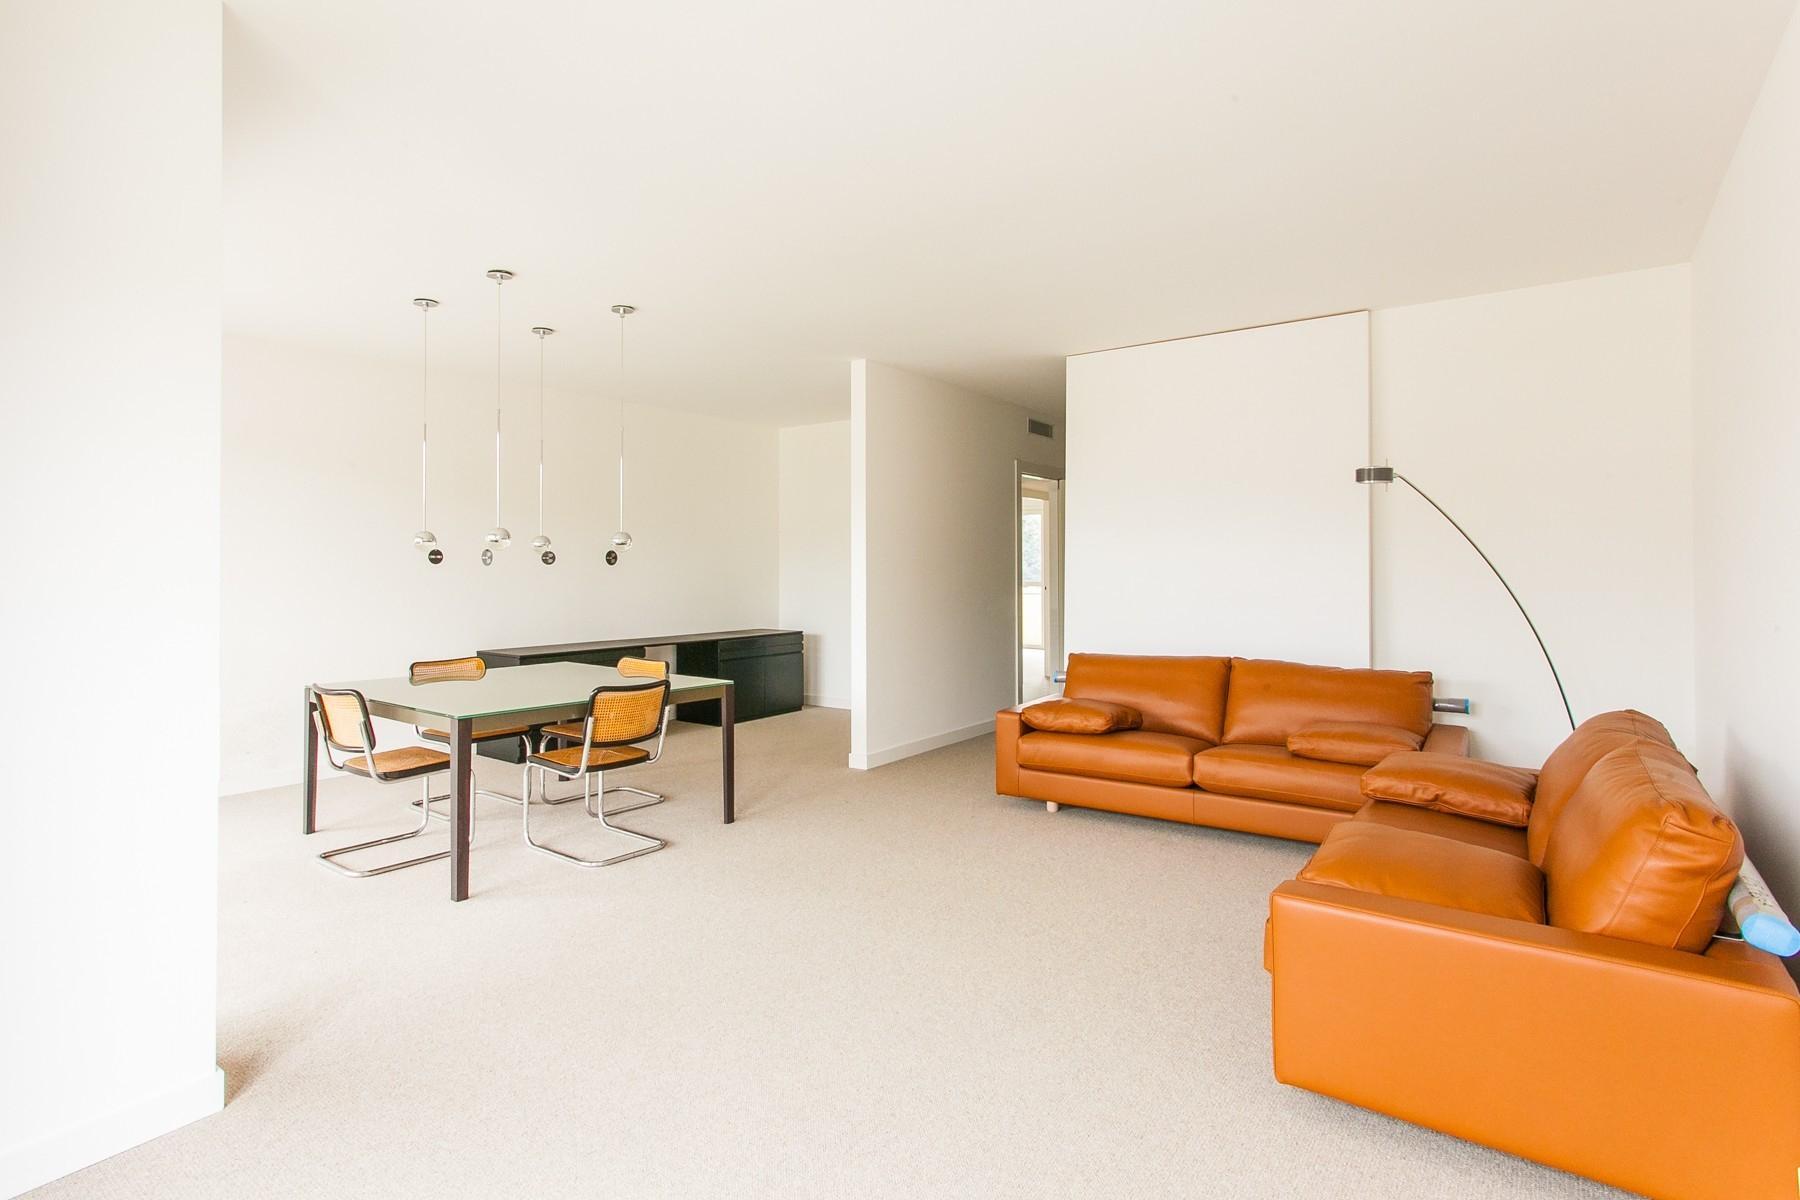 Neue moderne Wohnung mit geräumiger Terrasse - 1